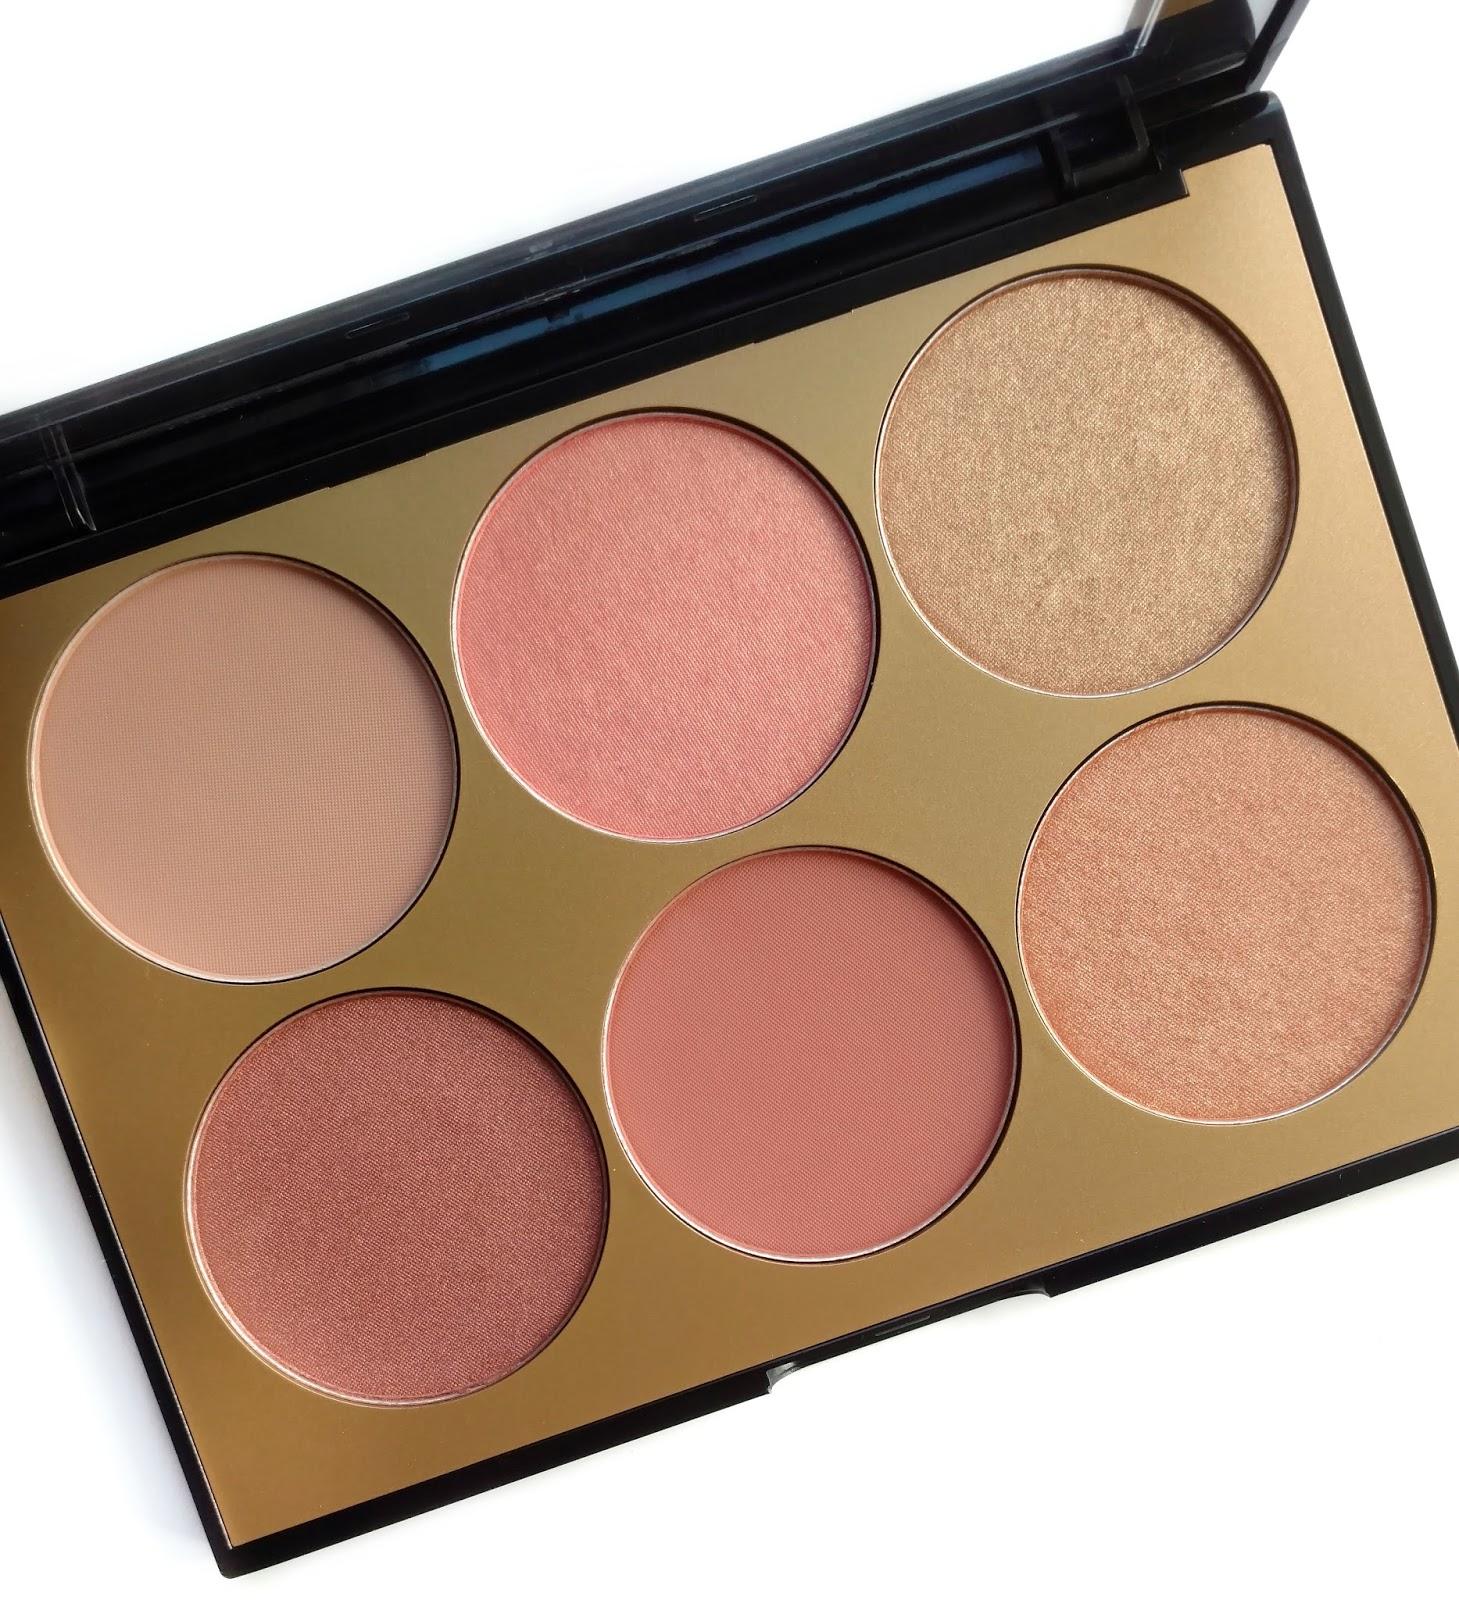 sephora collection contour blush palette